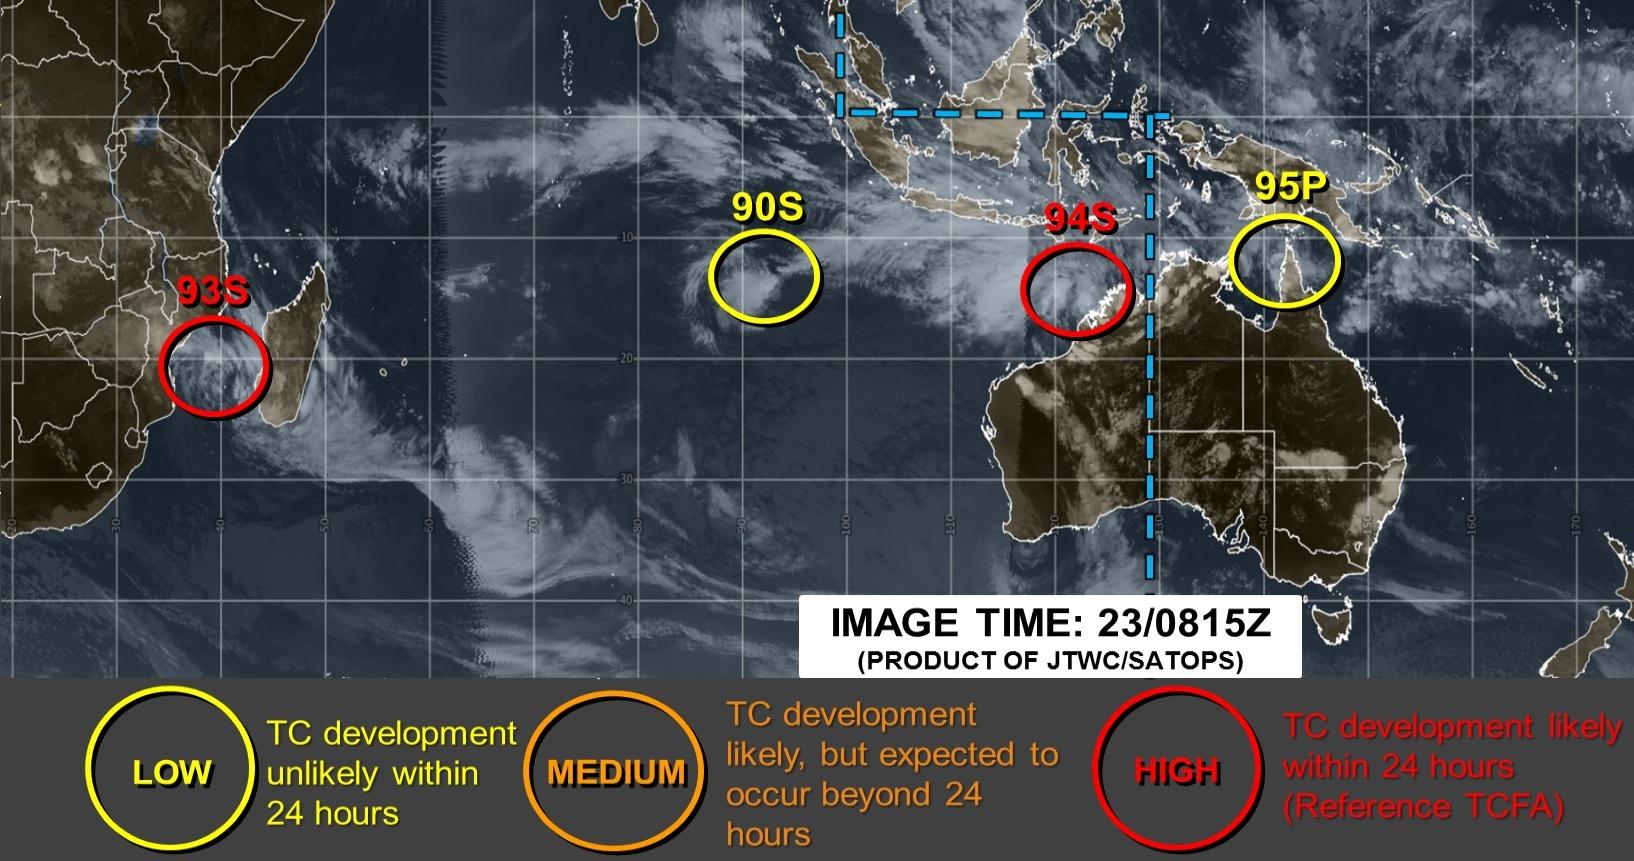 Carte du JTWC mise à jour 12h15. 3 systèmes sont suivis sur le Sud Indien: 93S, 90S et 94S. Un autre système se trouve sur le Sud Pacifique: 95P. Les deux systèmes en rouge ont des chances élevées d'atteindre le stade de dépression tropicale dans les prochaines 24H.